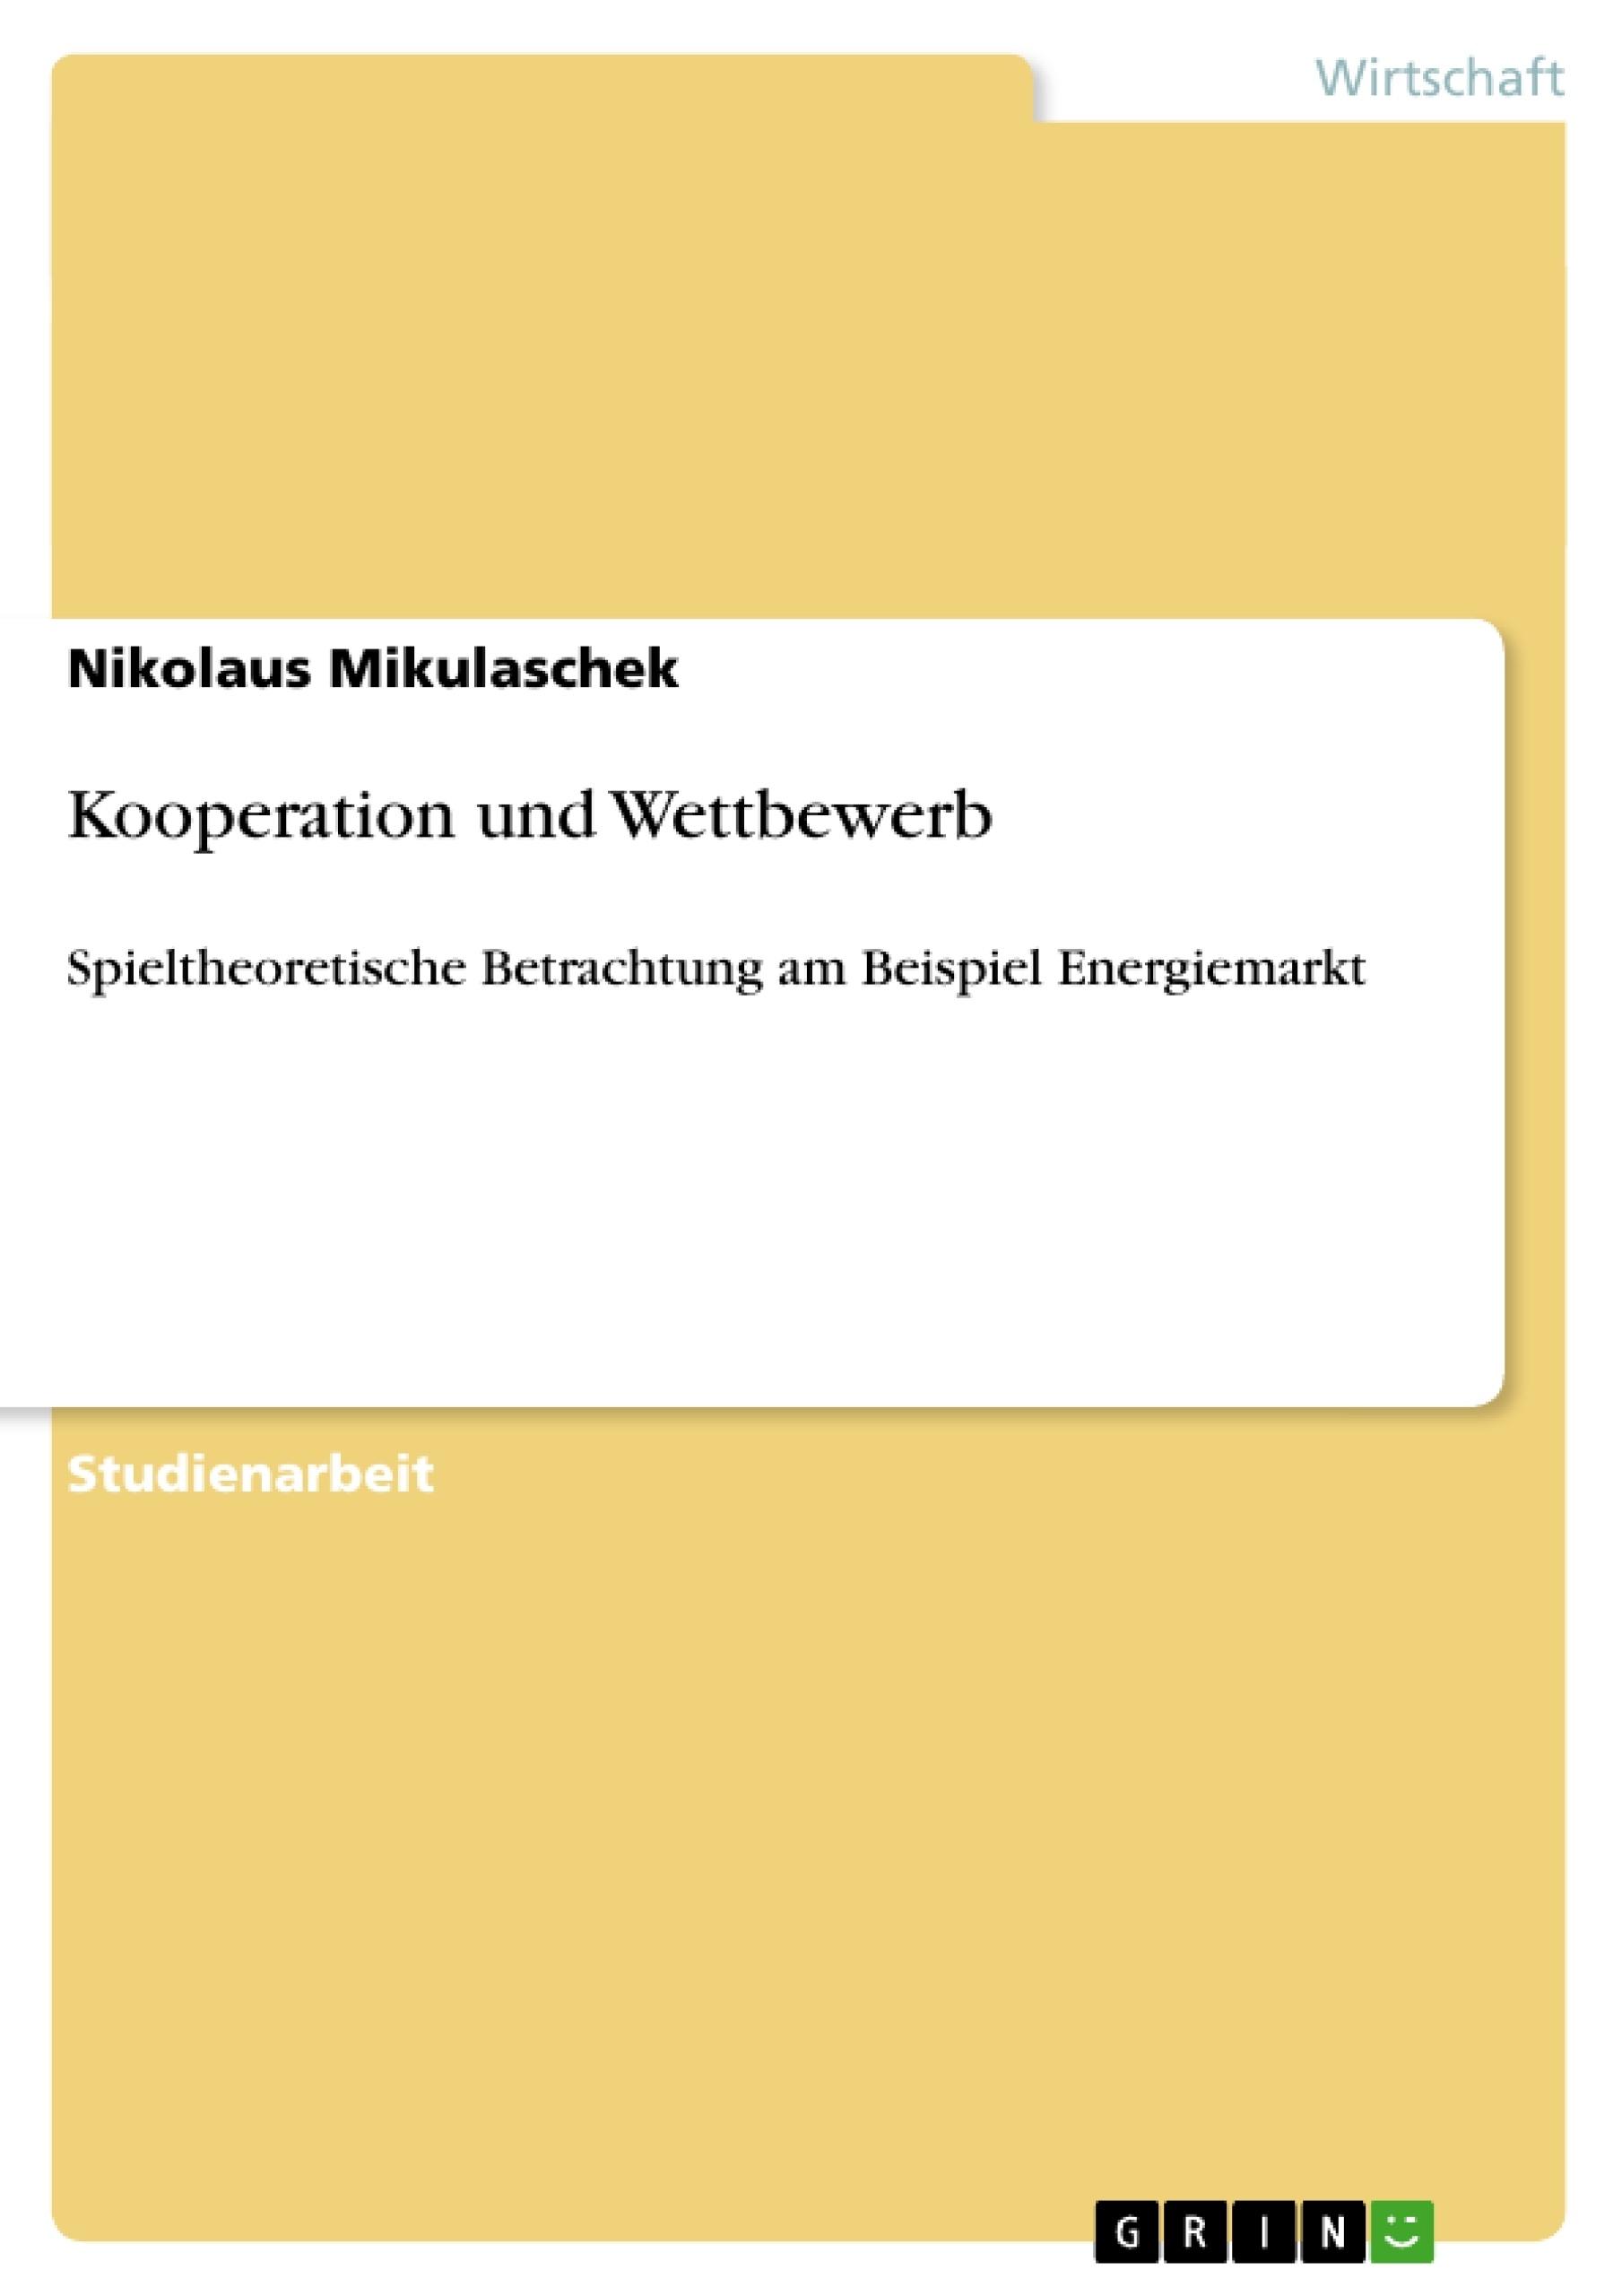 Titel: Kooperation und Wettbewerb